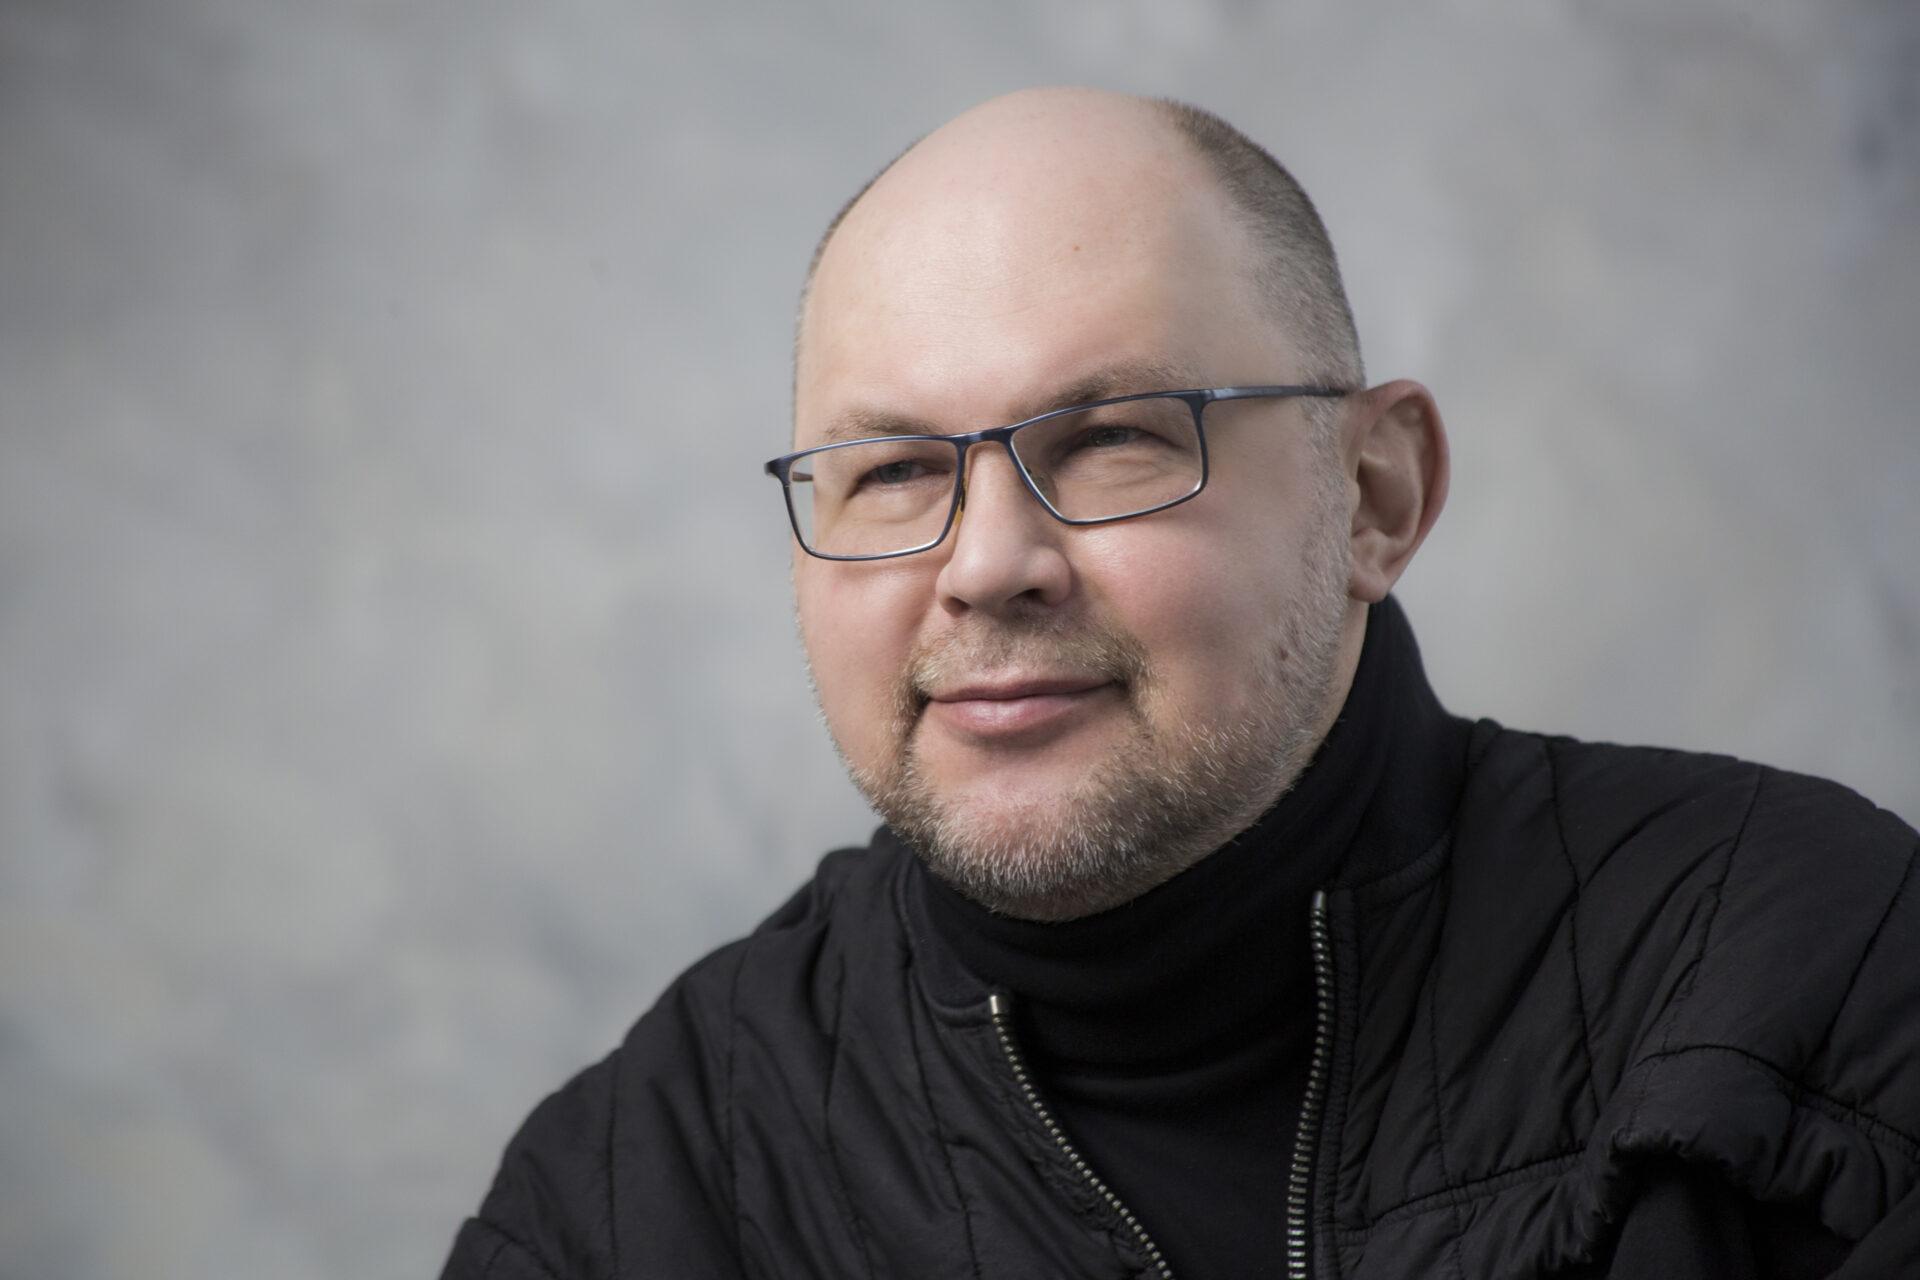 Алексей Иванов: «Рациональное познание мира более работоспособно, нежели эмоциональное»